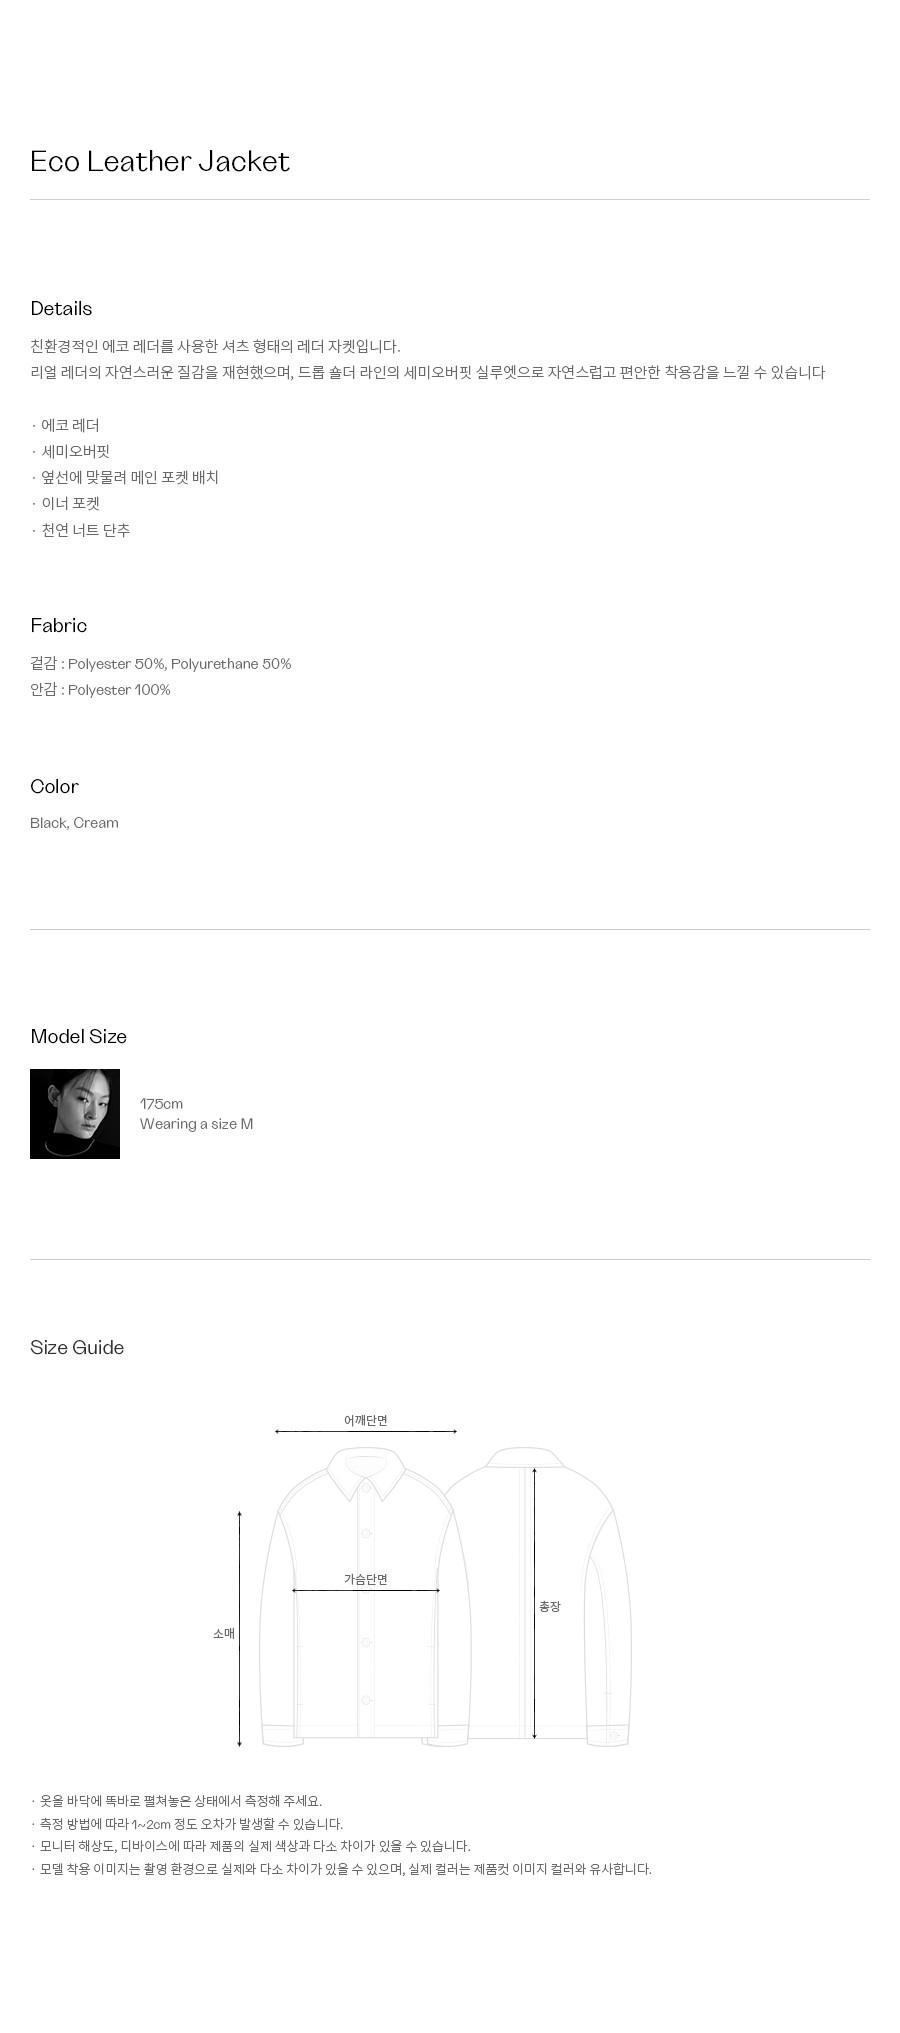 인사일런스 우먼(INSILENCE WOMEN) 에코 레더 자켓 CREAM